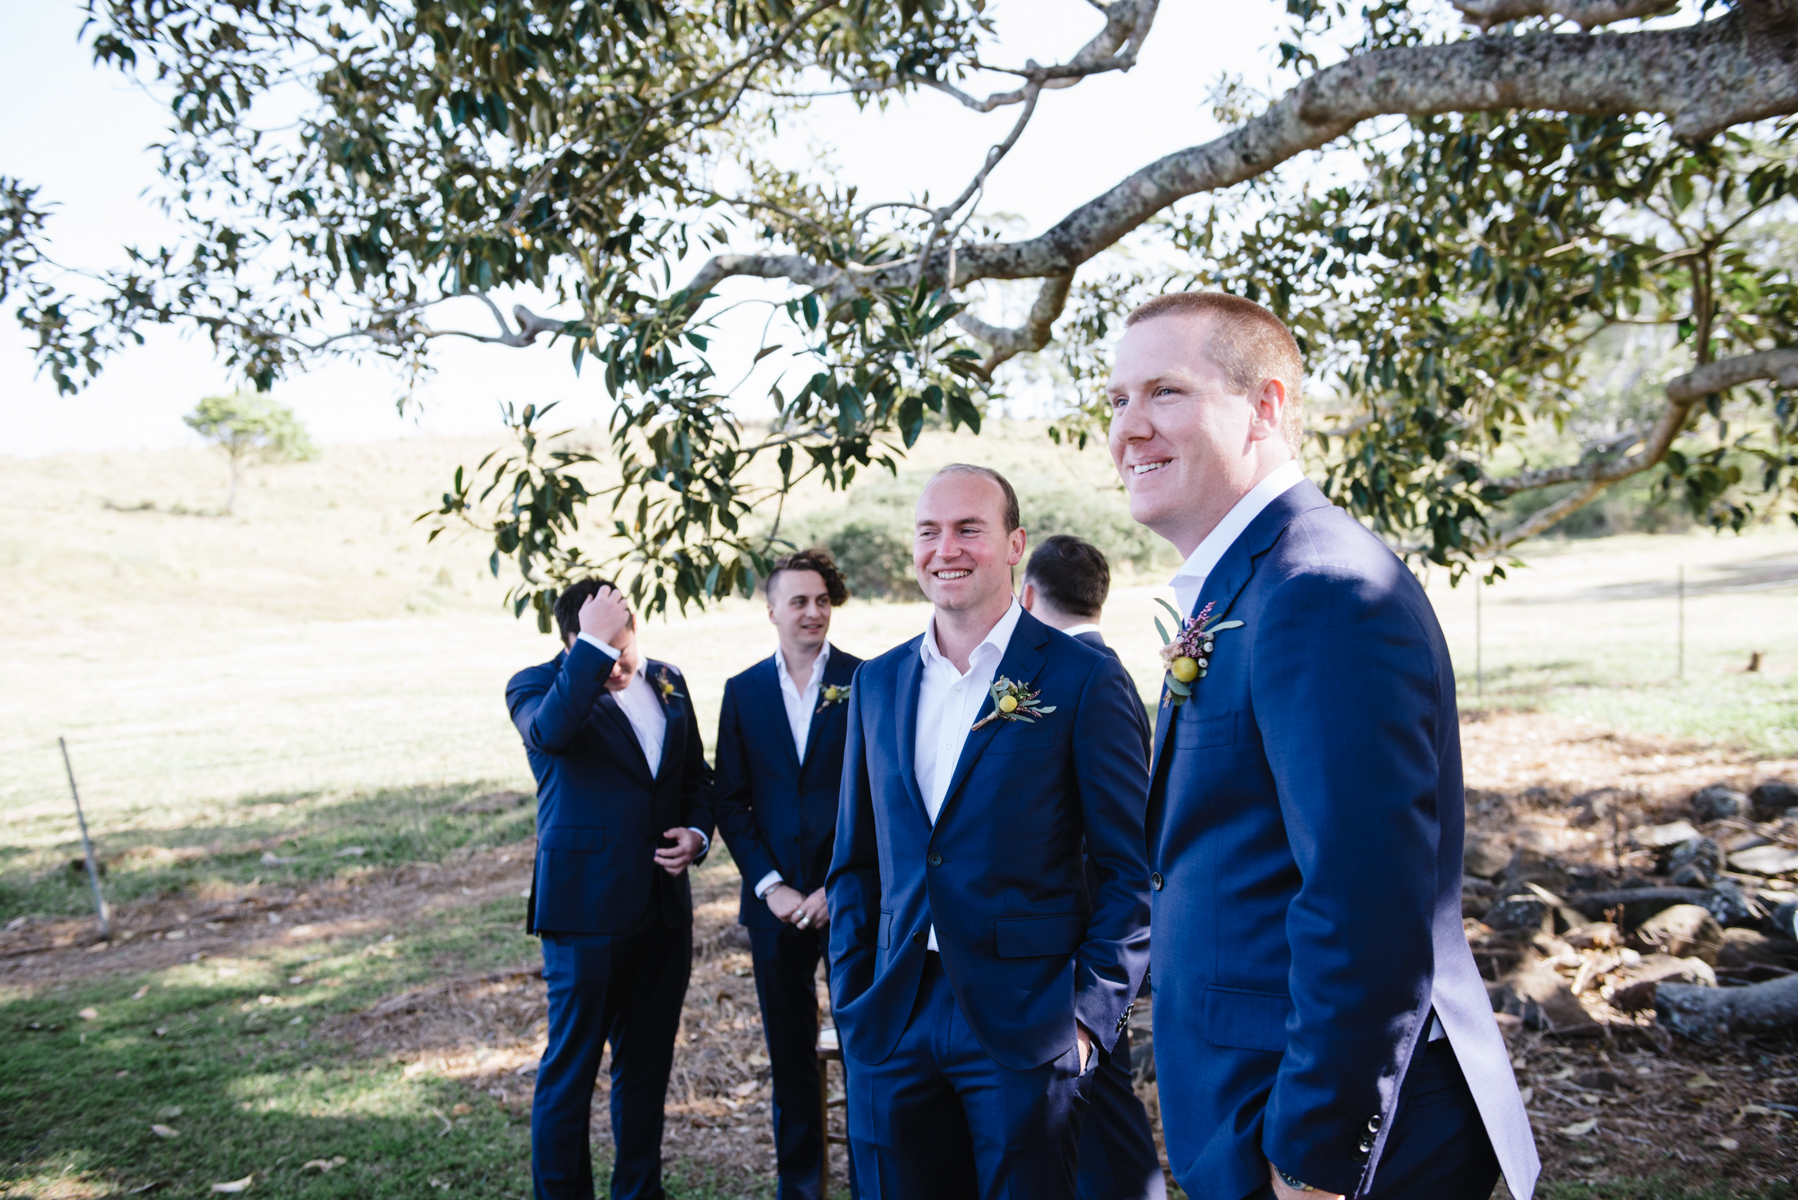 sarahandBenwedding- skyla sage photography weddings, families, byron bay,tweed coast,kingscliff,cabarita,gold coast-339.jpg